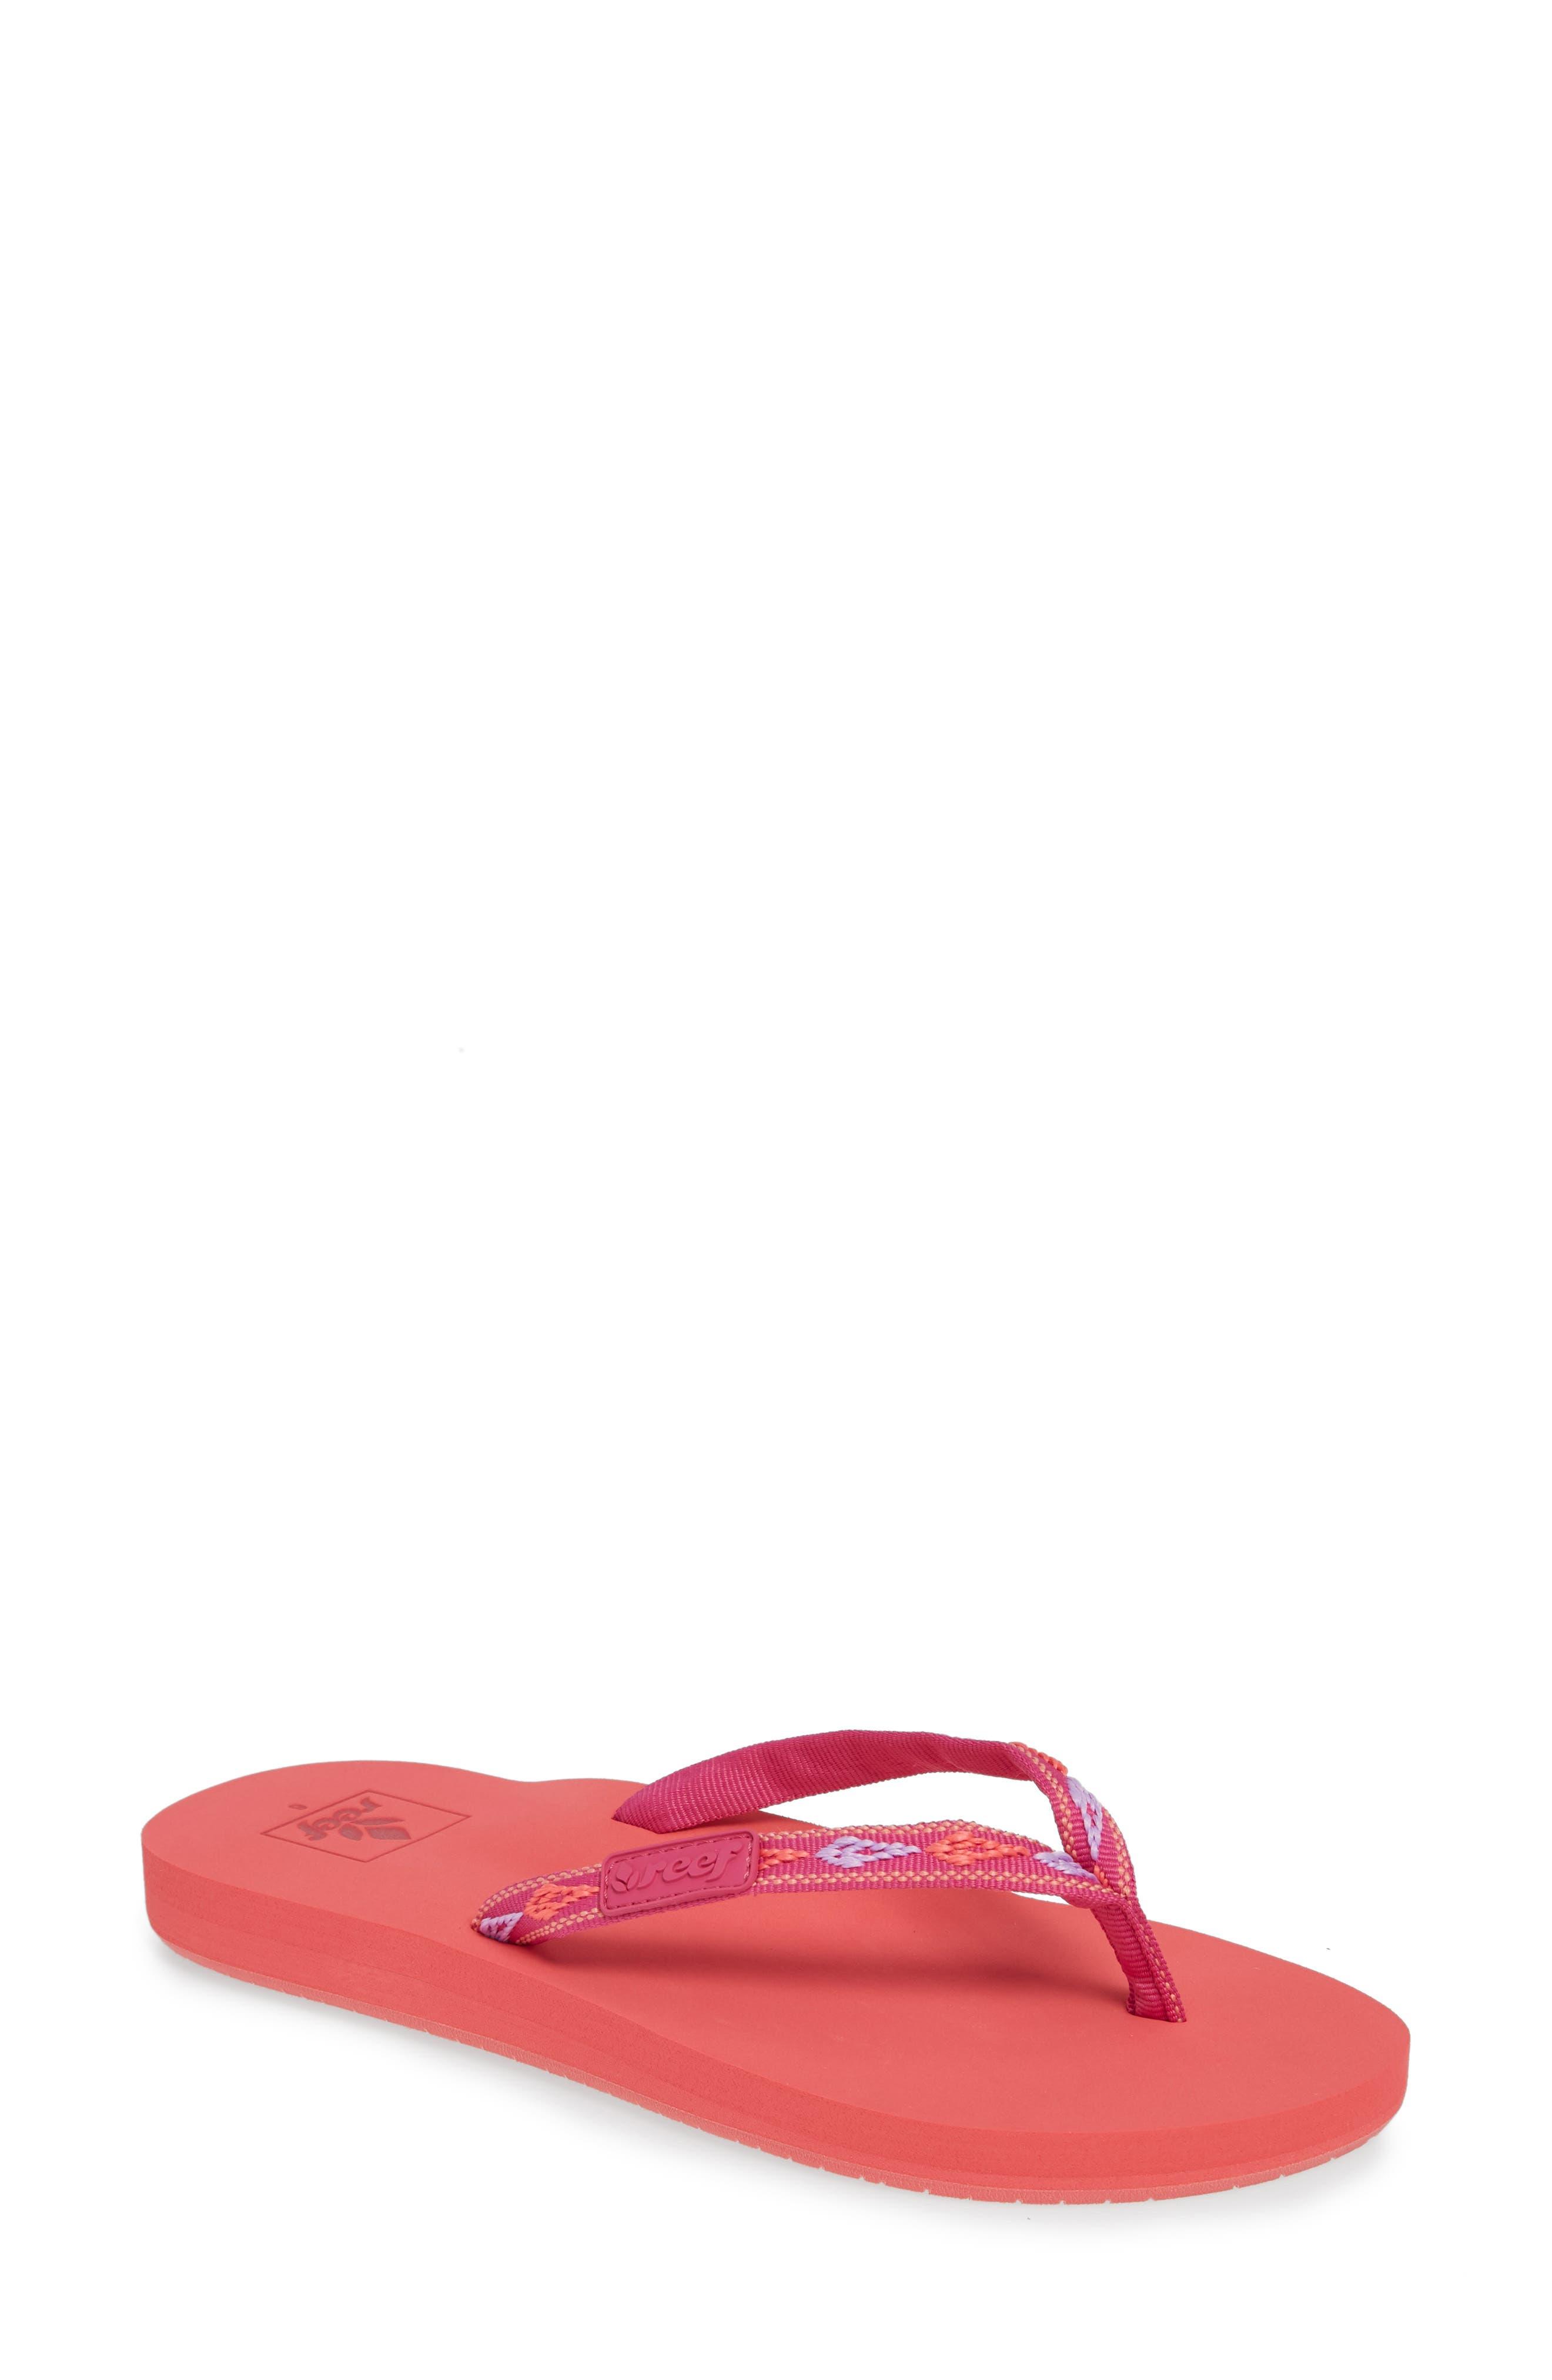 b75cea1959e Women s Reef Sandals